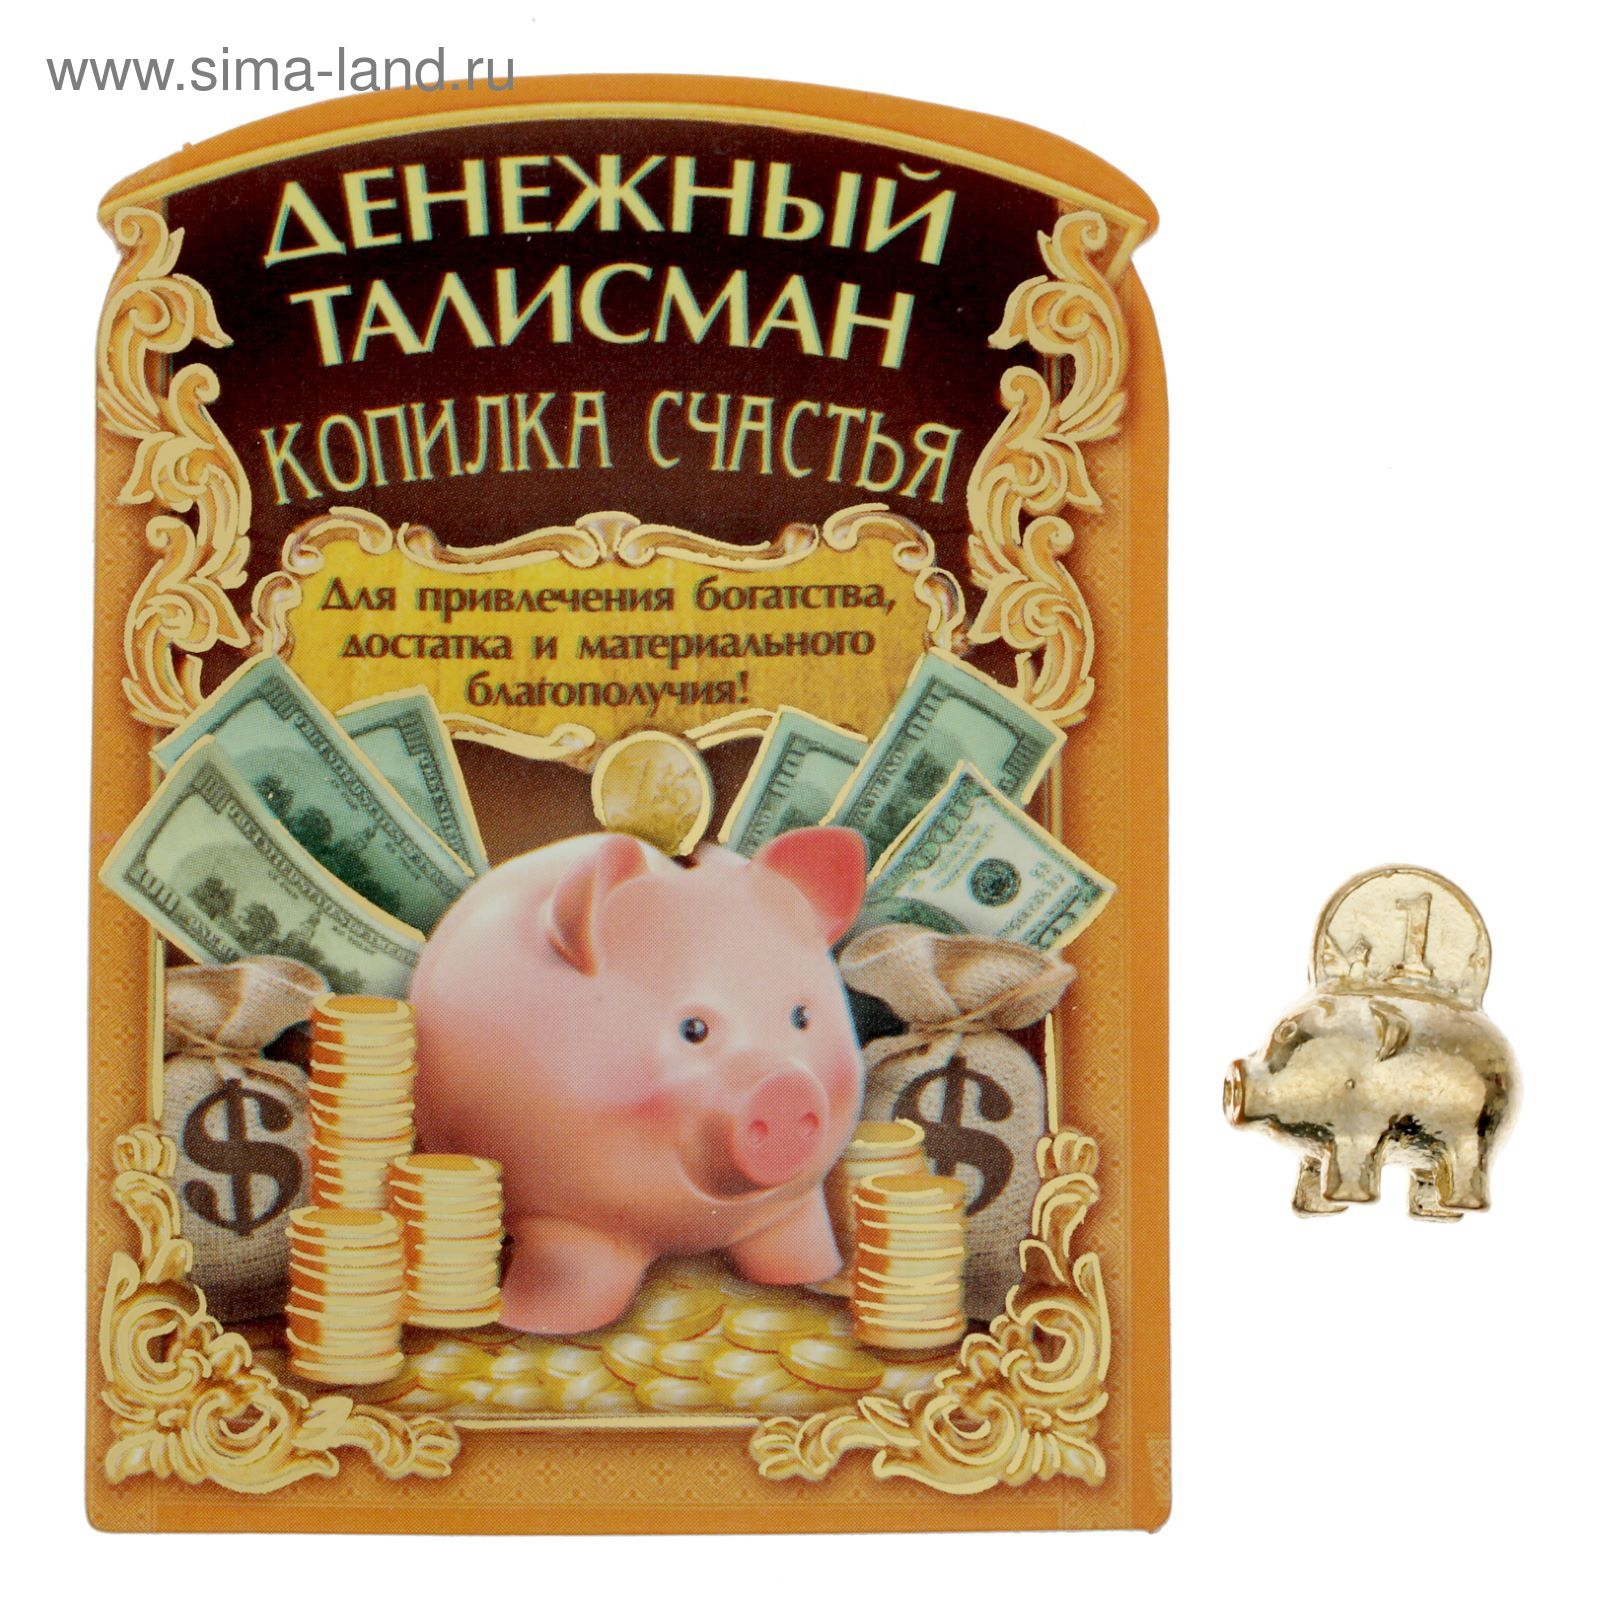 копилка с деньгами поздравление с днем рождения